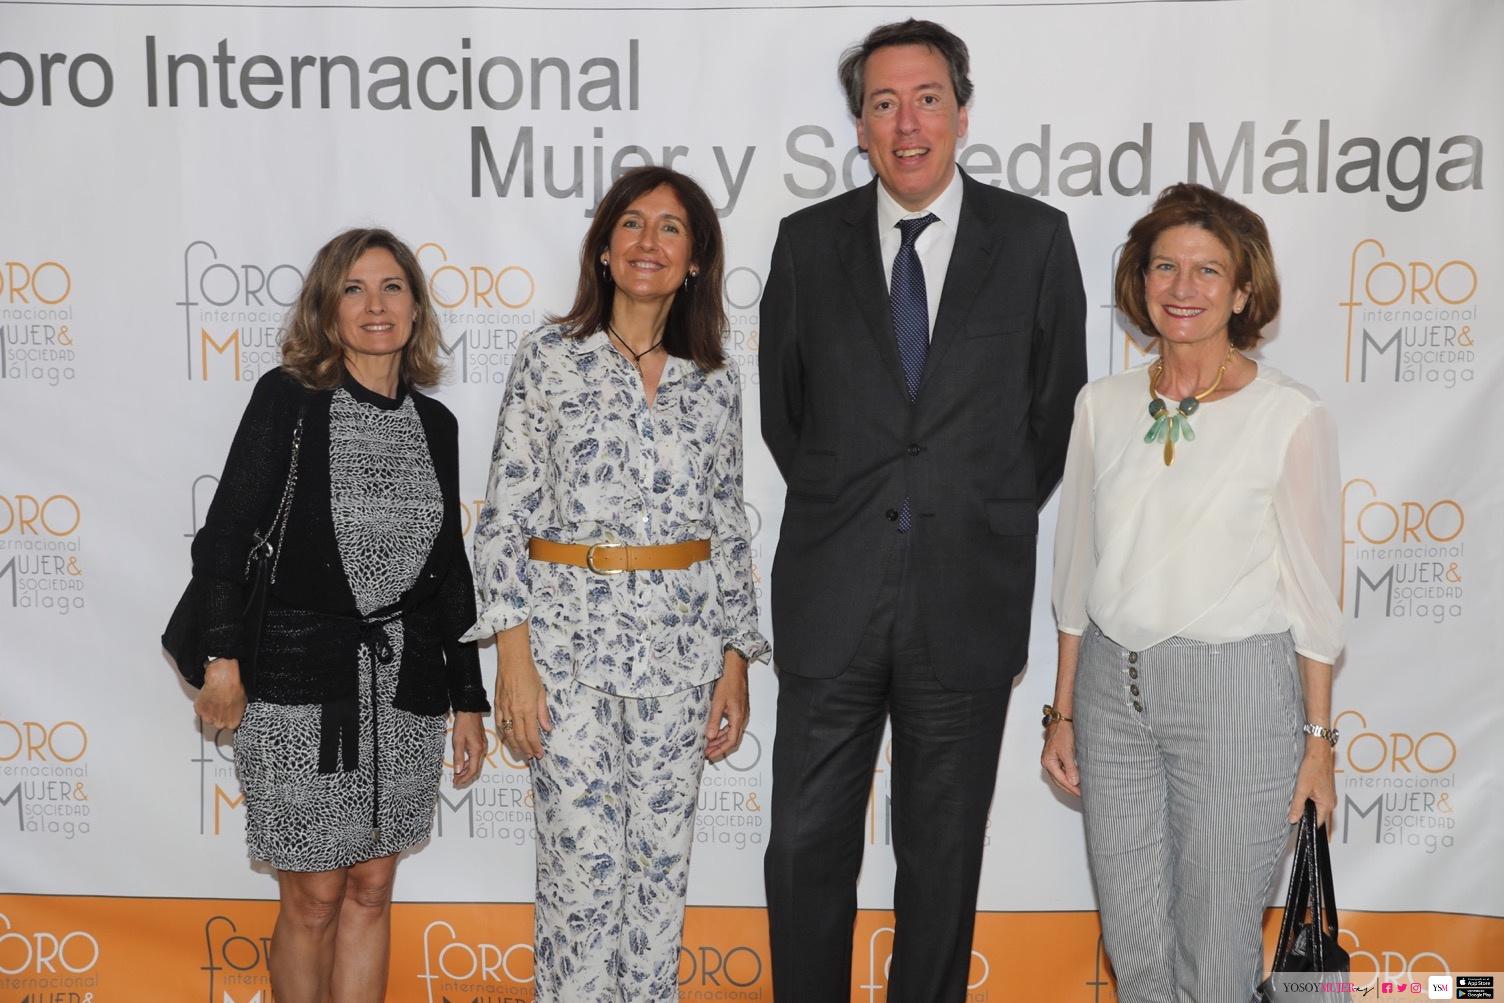 Sara Pérez Tomé